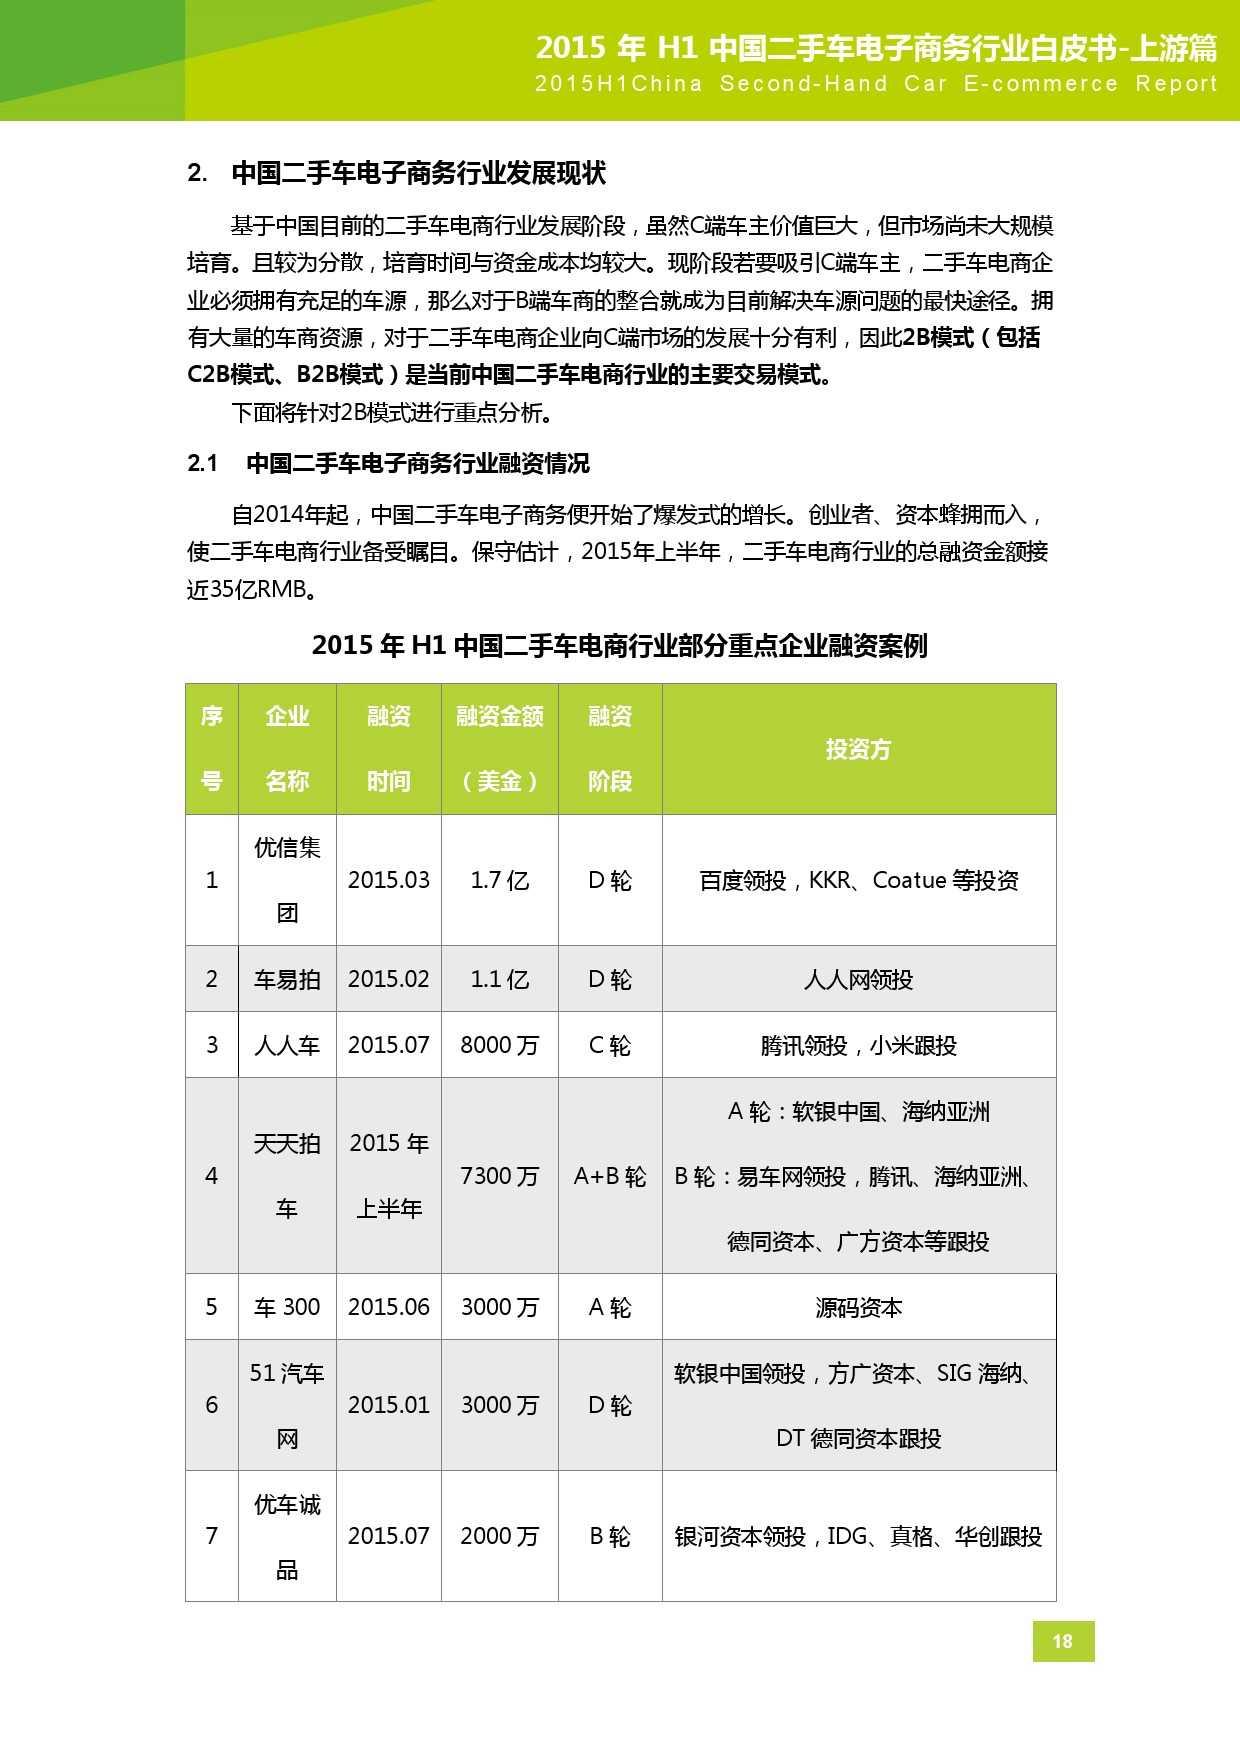 2015年中国二手车电子商务行业白皮书-上游篇_000019